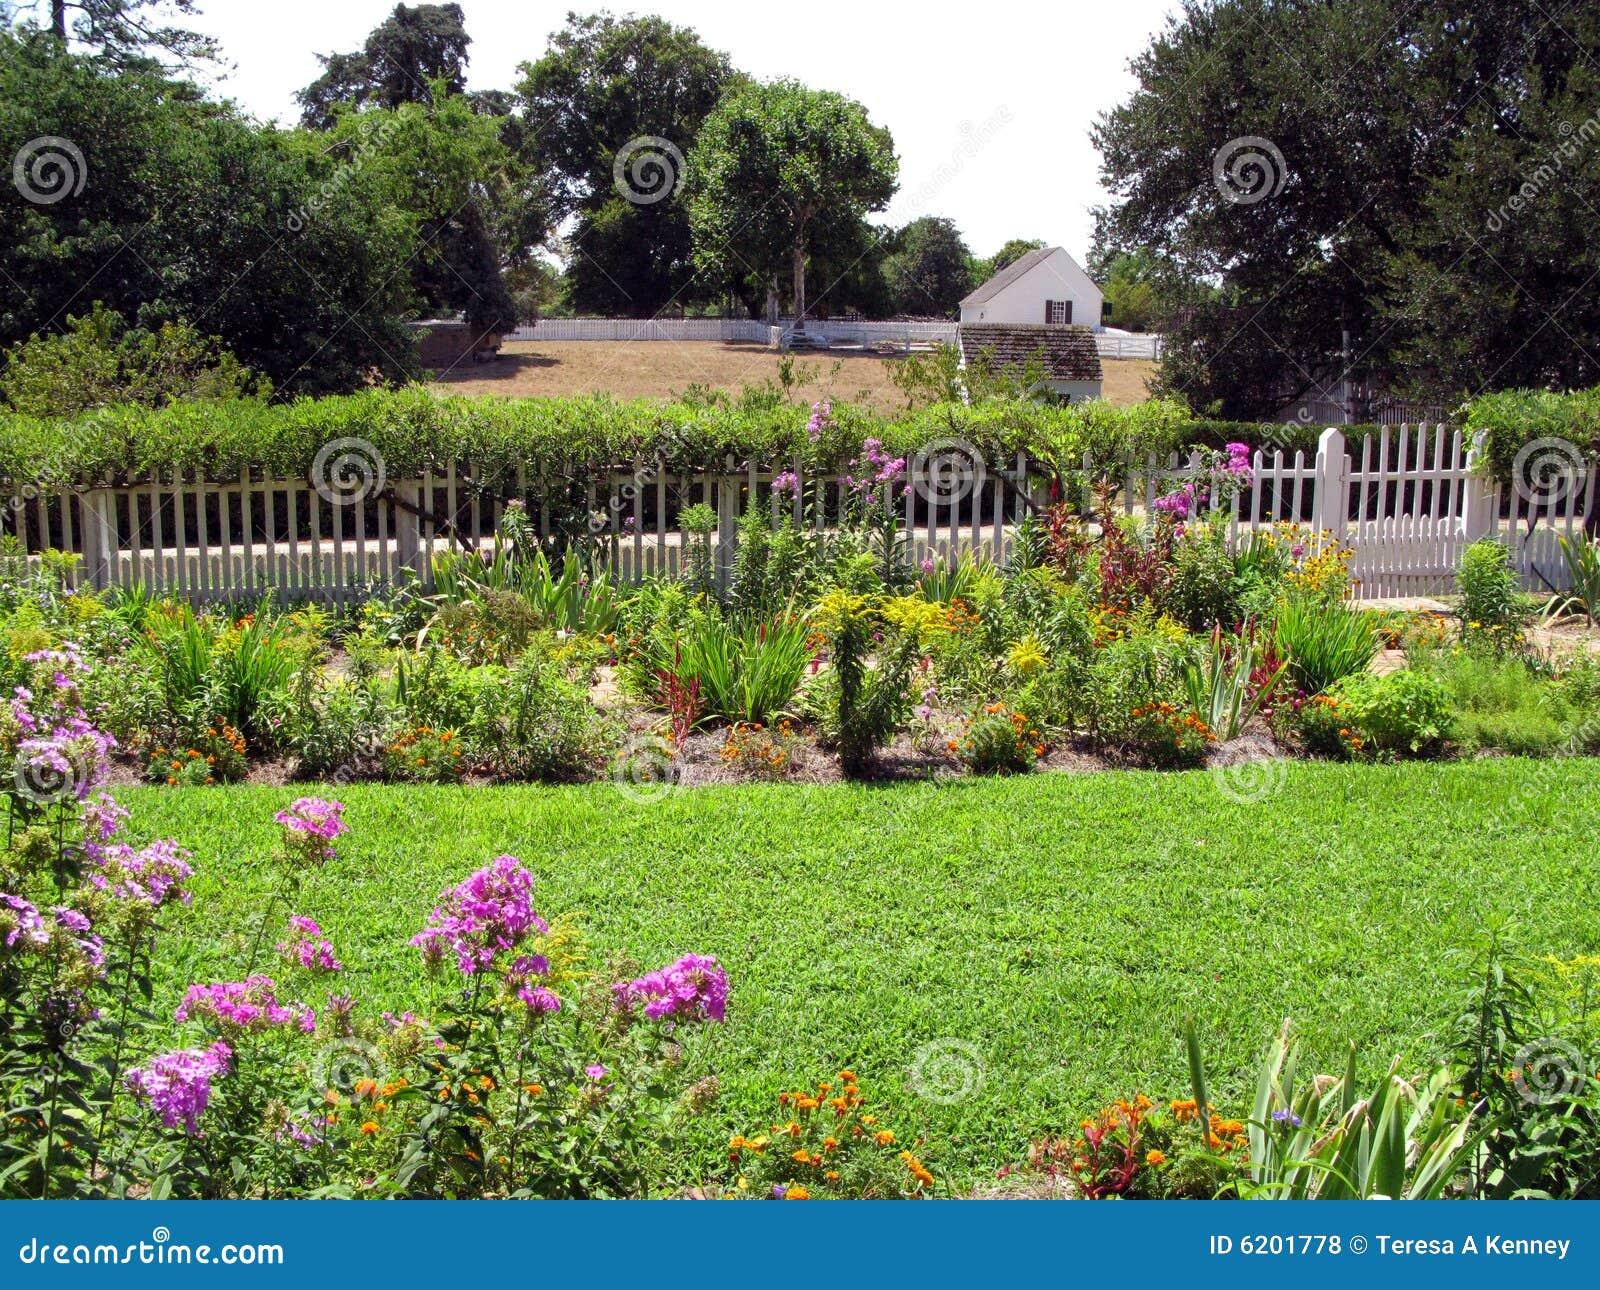 fotos jardins lindos : fotos jardins lindos:Fotos de Stock Royalty Free: Jardins bonitos